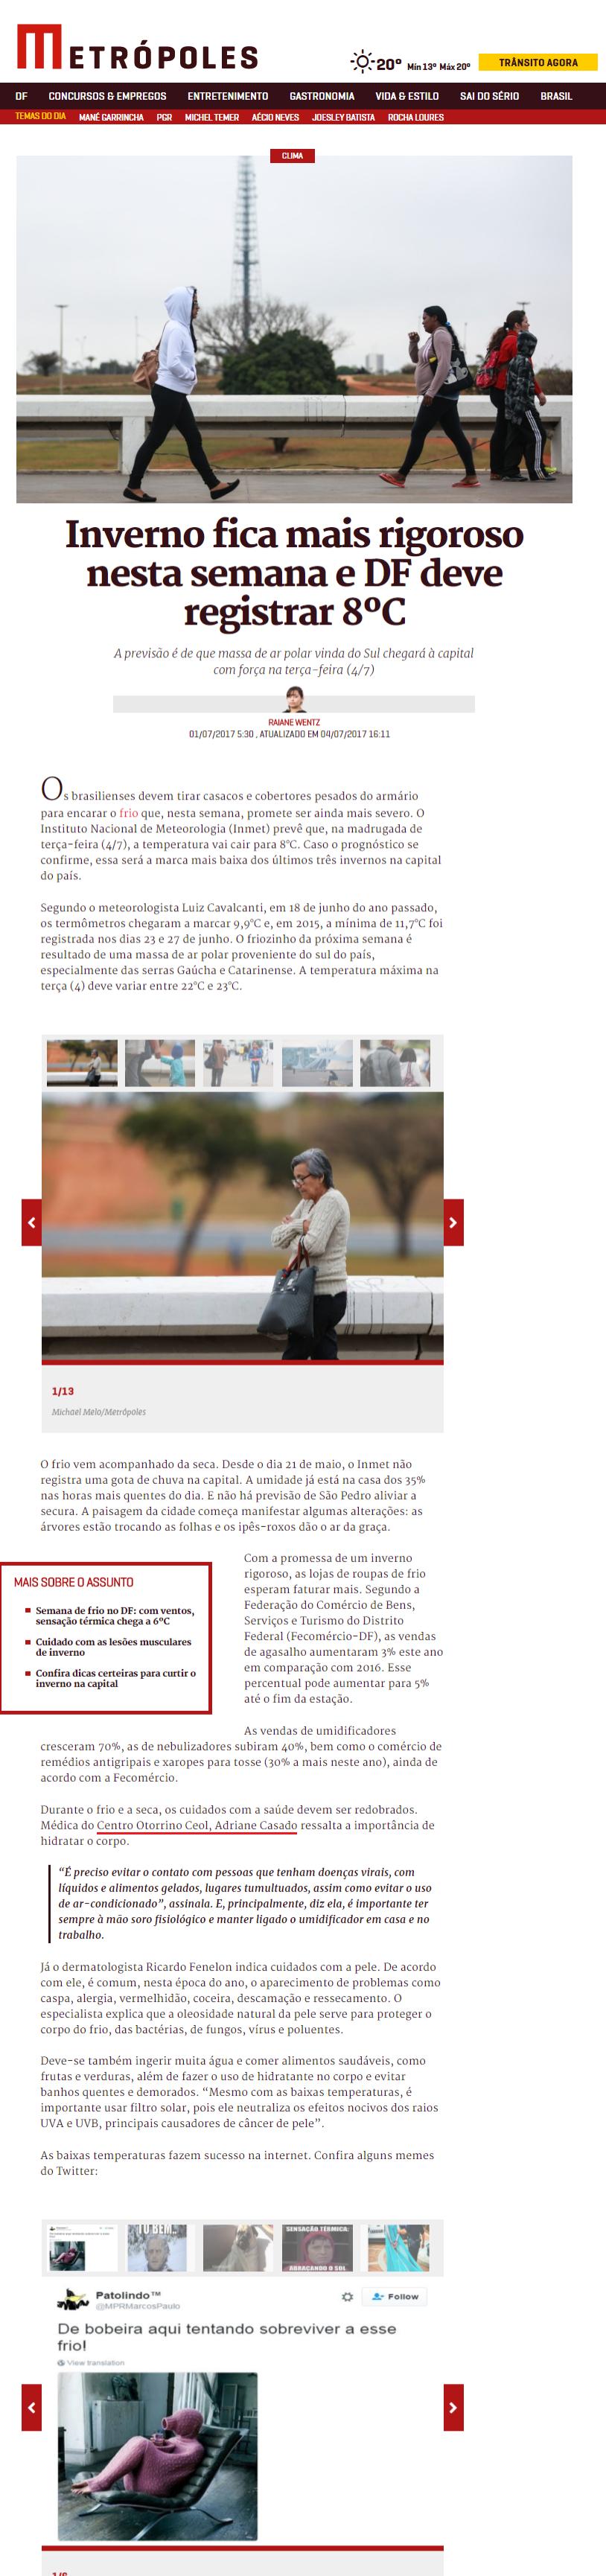 Metrópoles - Dra. Adriane Medeiros Casado - 04-07-2017